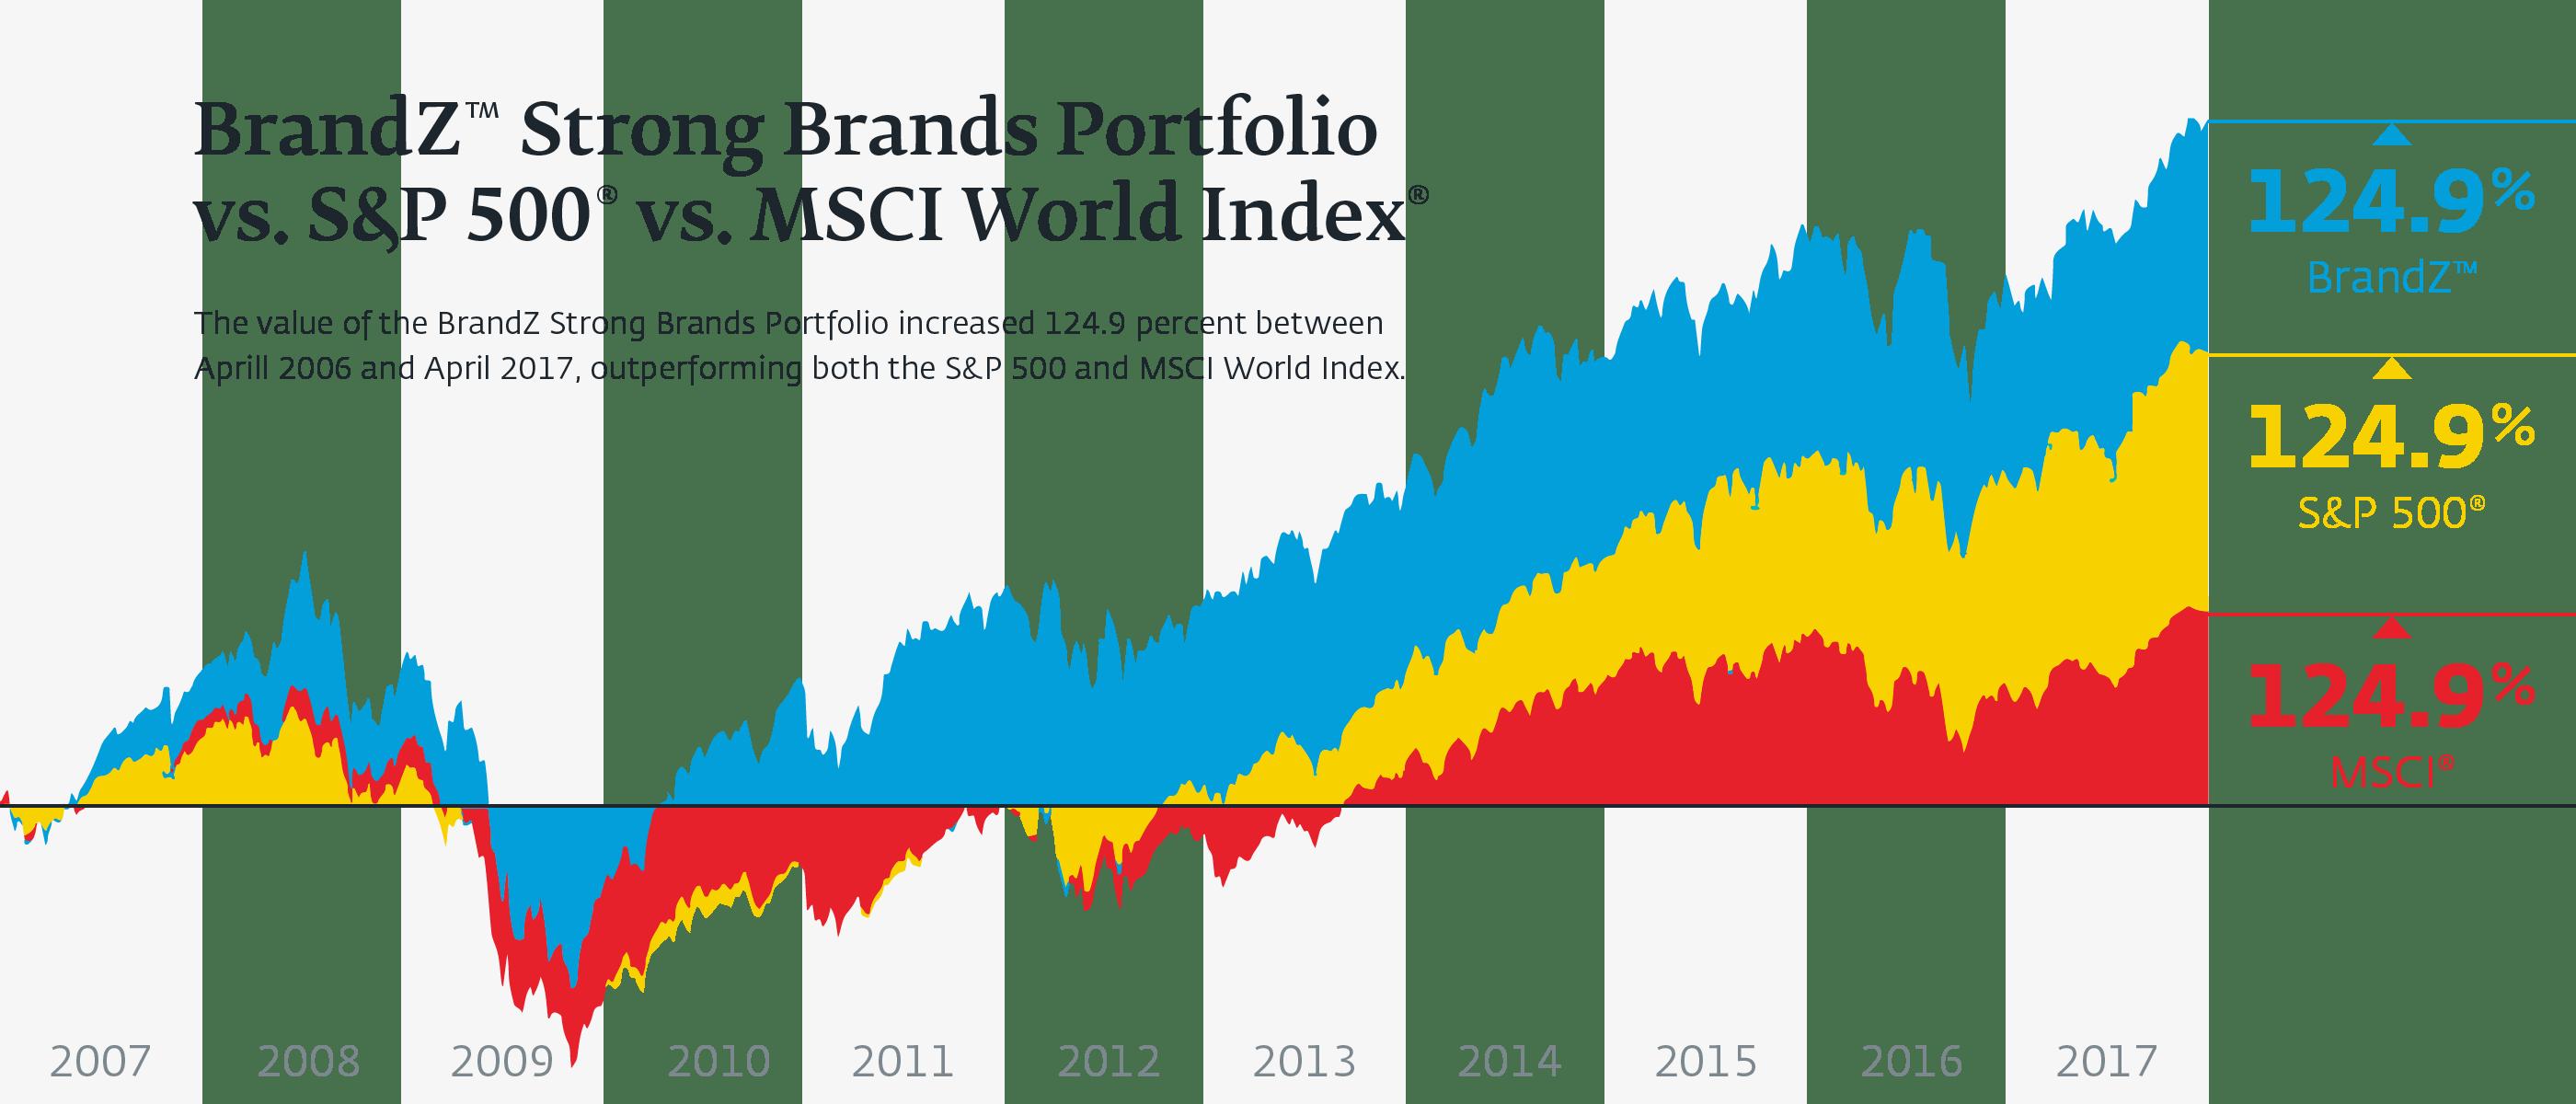 Kantar Millward Brand / BrandZ™; BrandZ Strong Brands Portfolio is a subset of the BrandZ Top 100 Most Valuable Global Brands